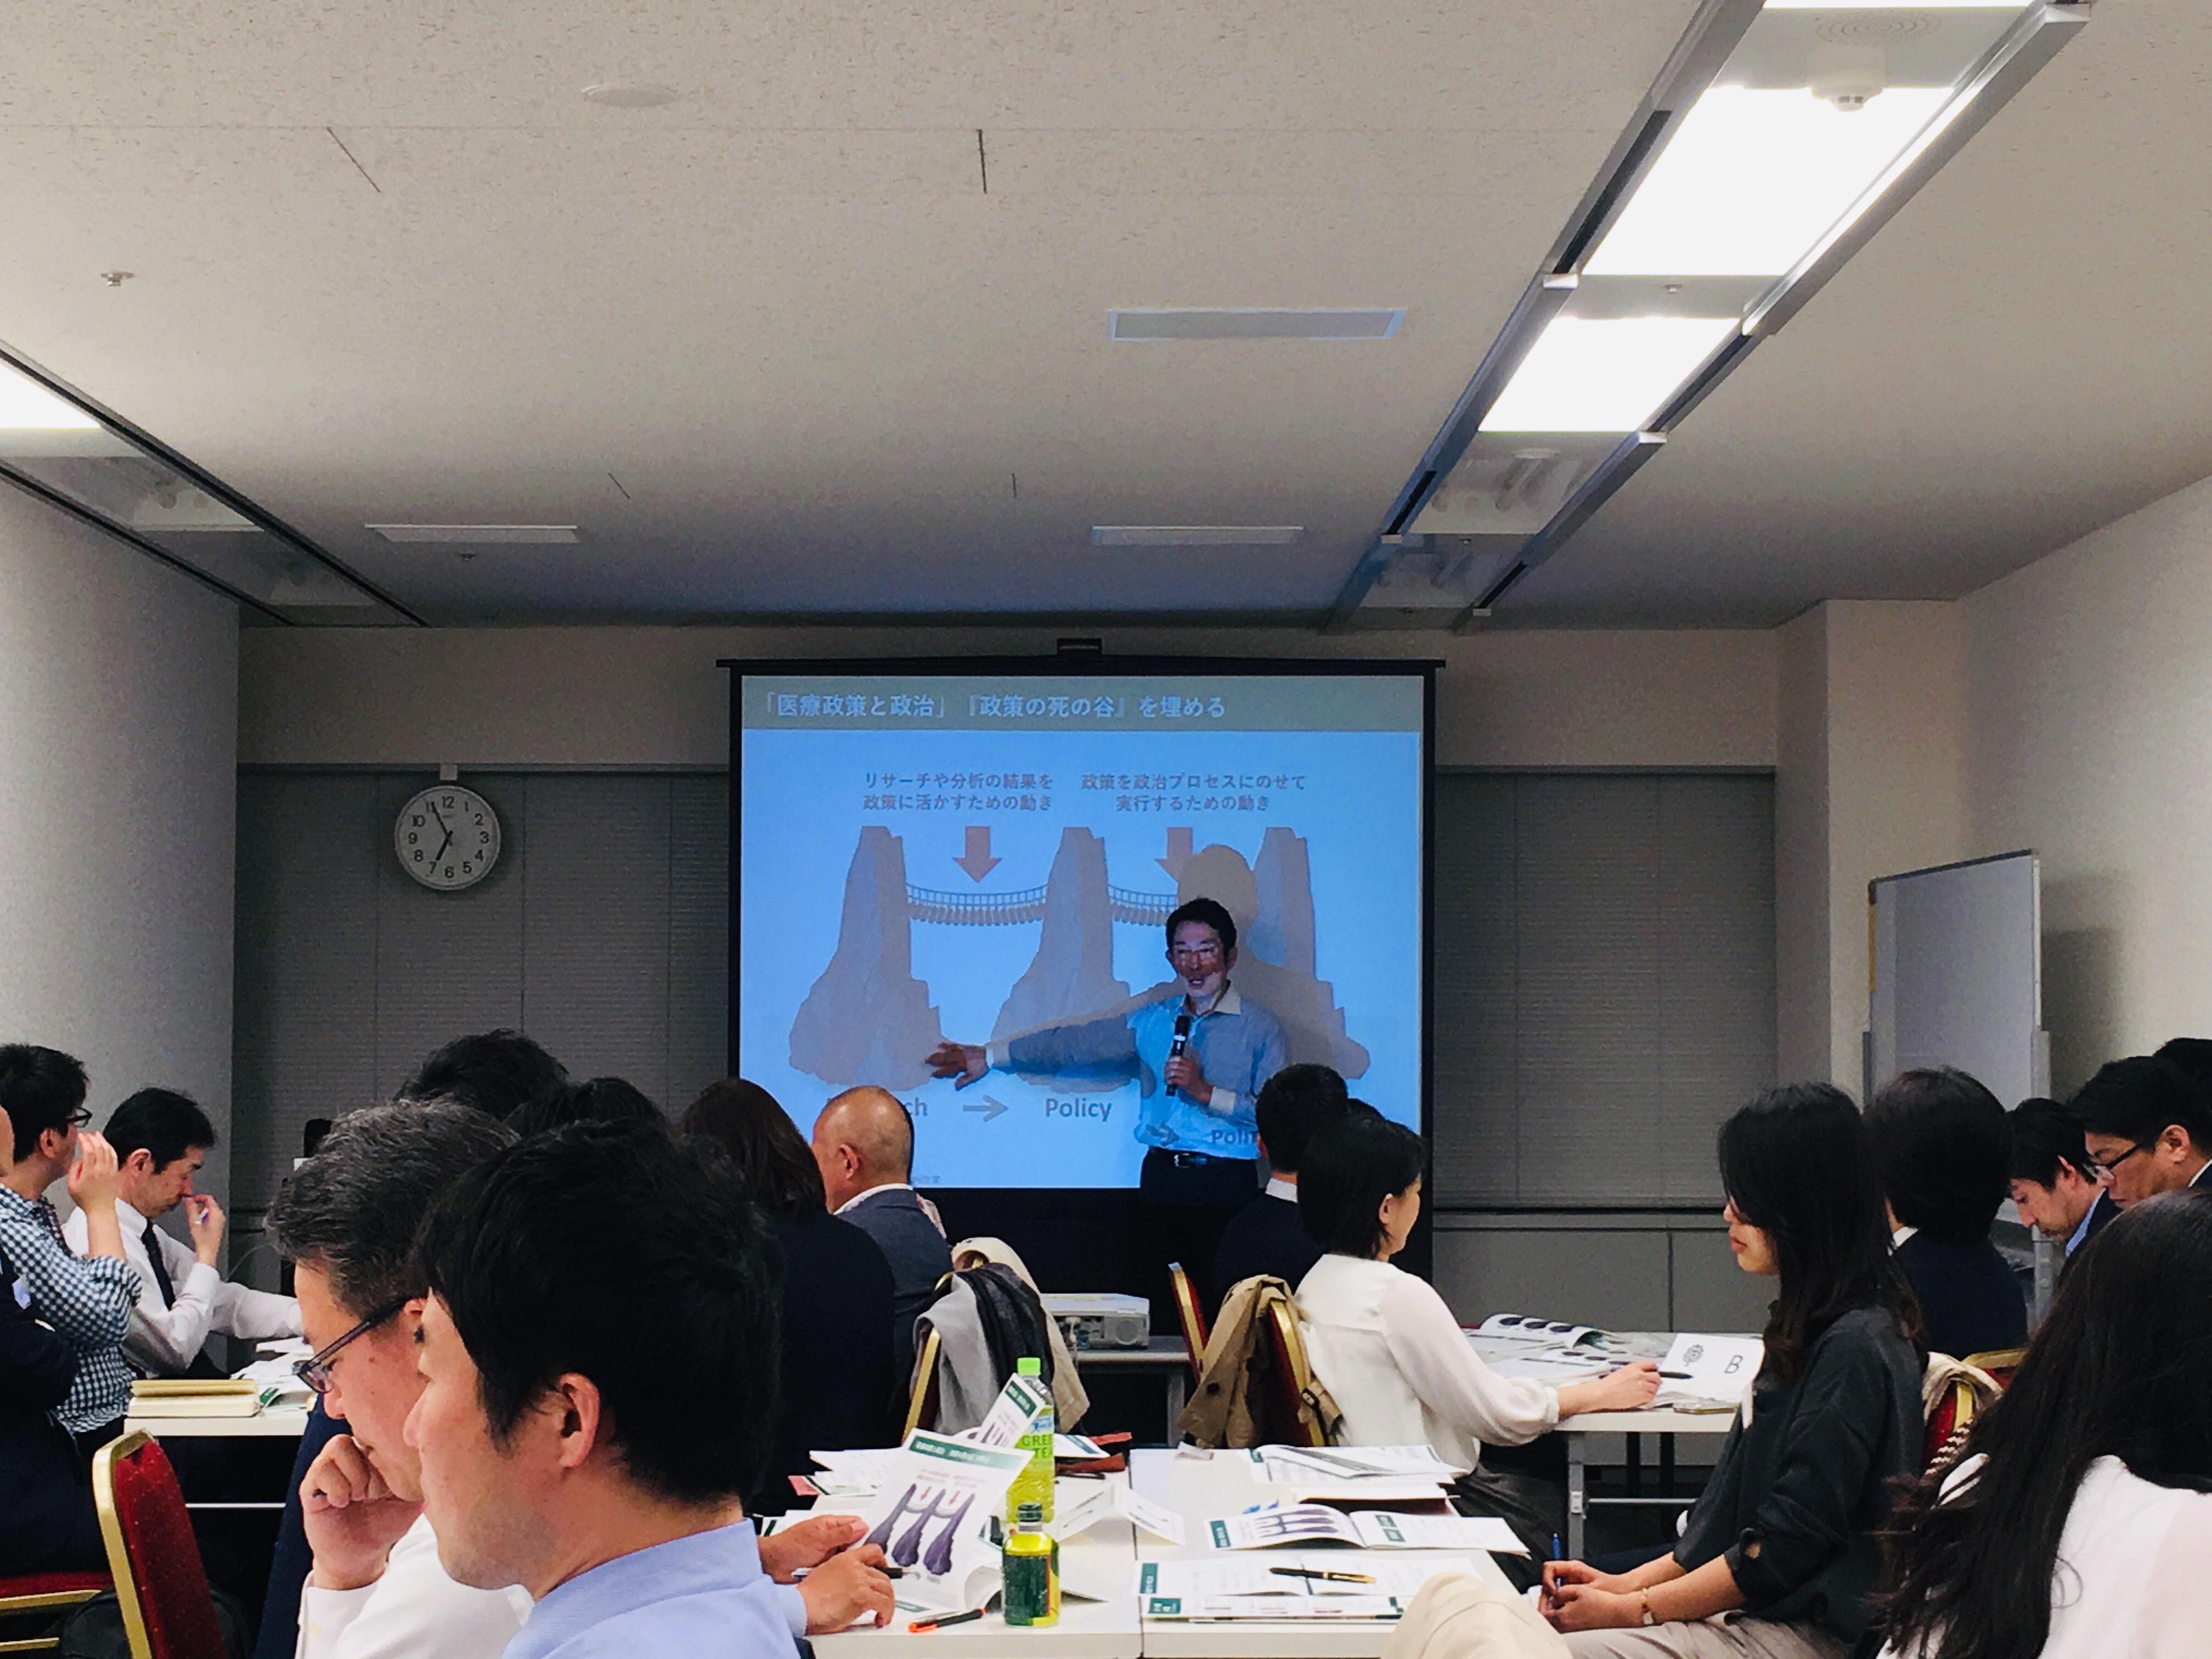 【開催報告】医療政策アカデミー第8期 第1回「イントロダクション」(2019年04月17日)